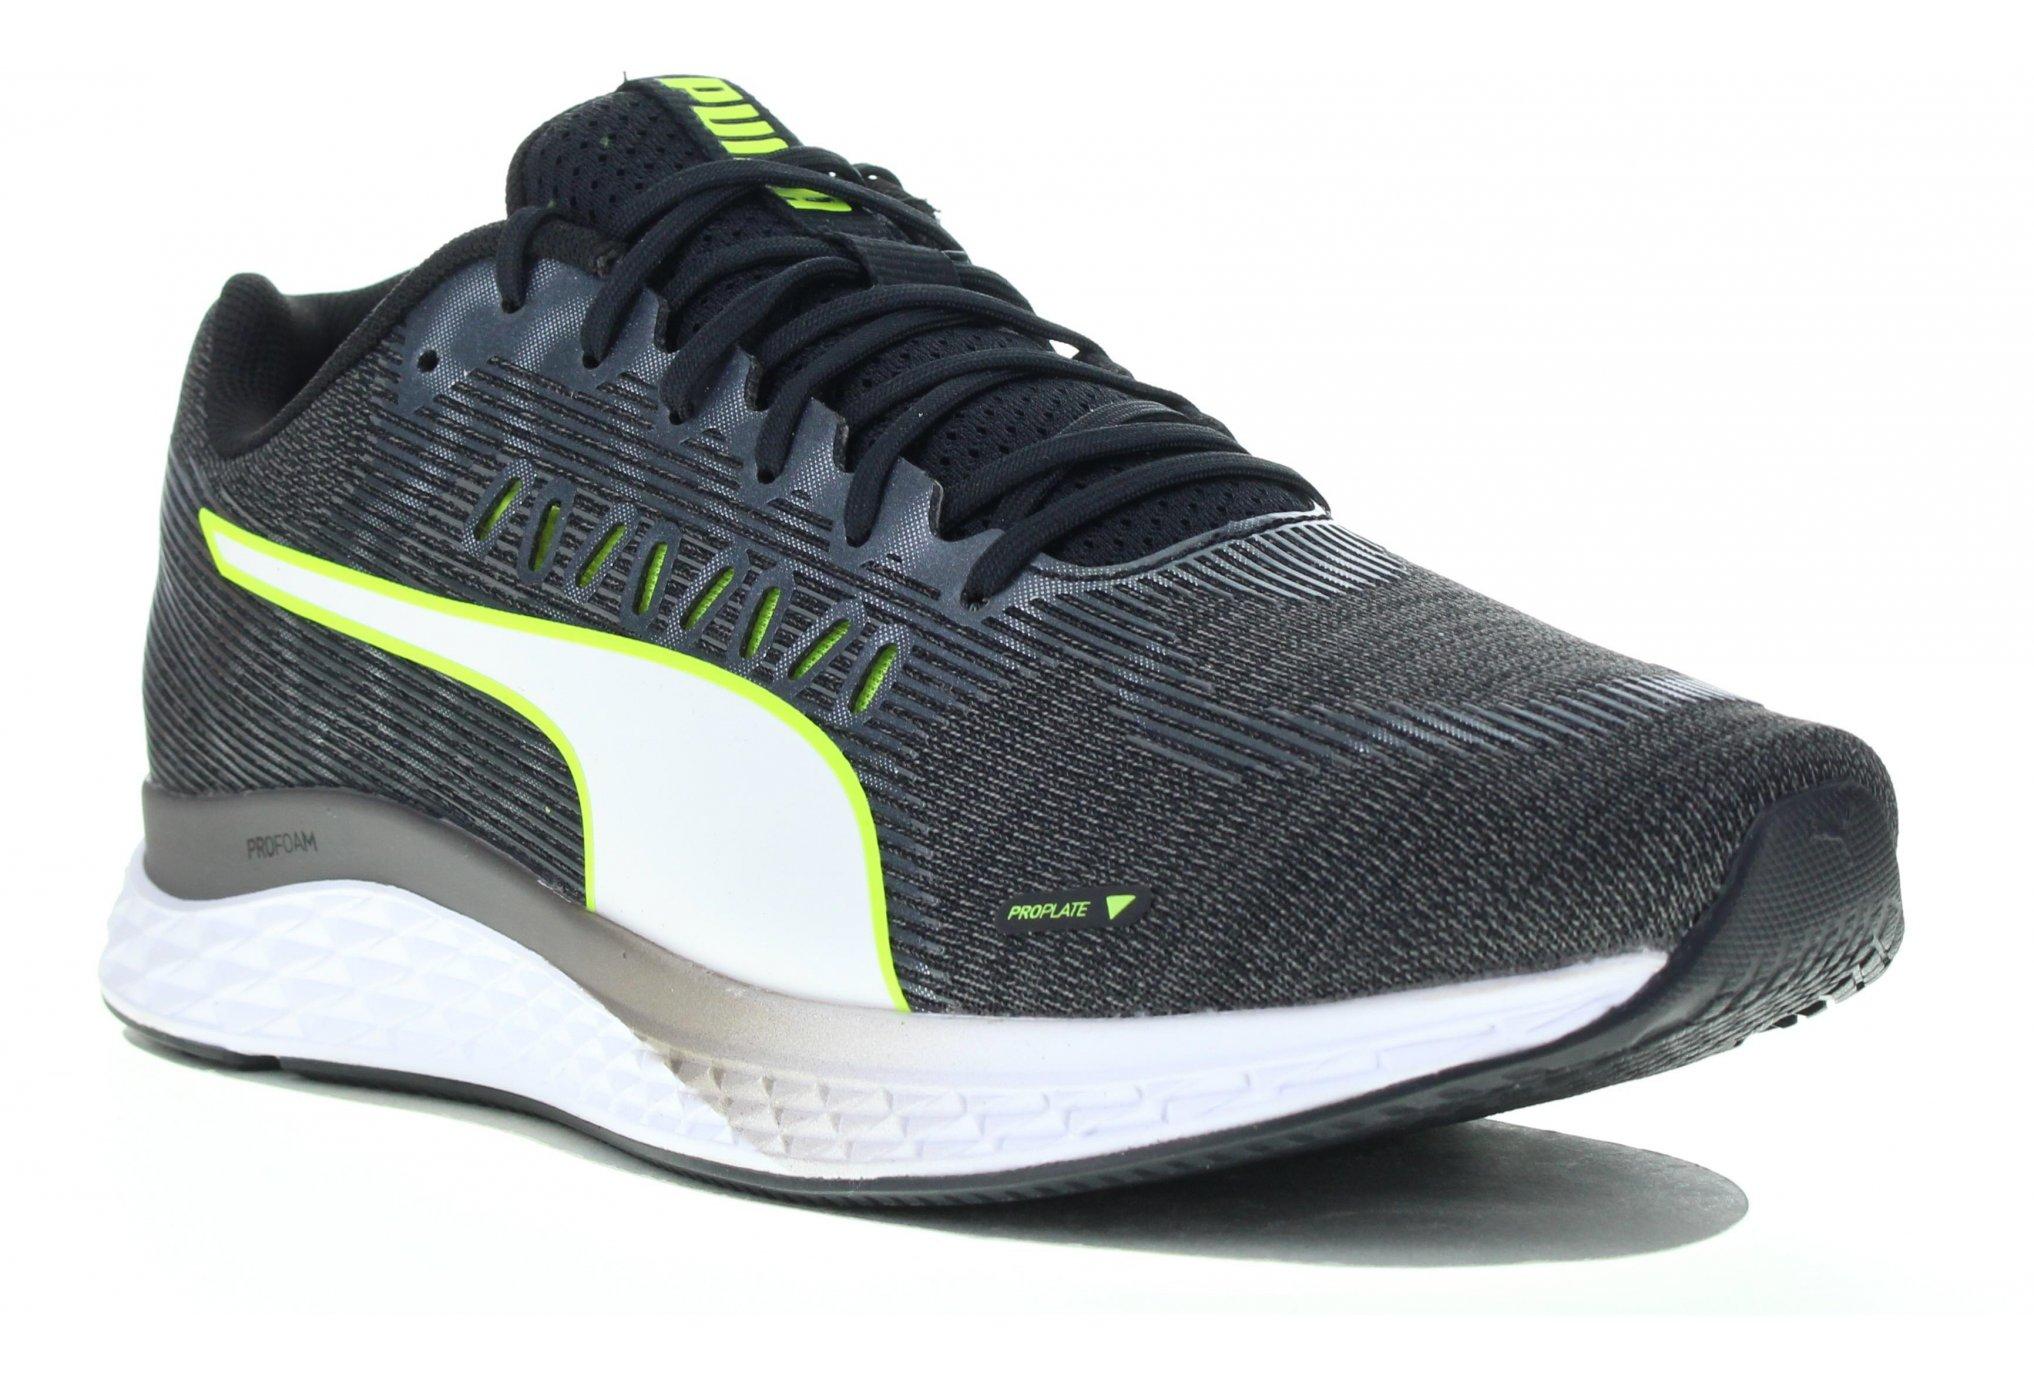 Puma Speed Sutamina Chaussures homme